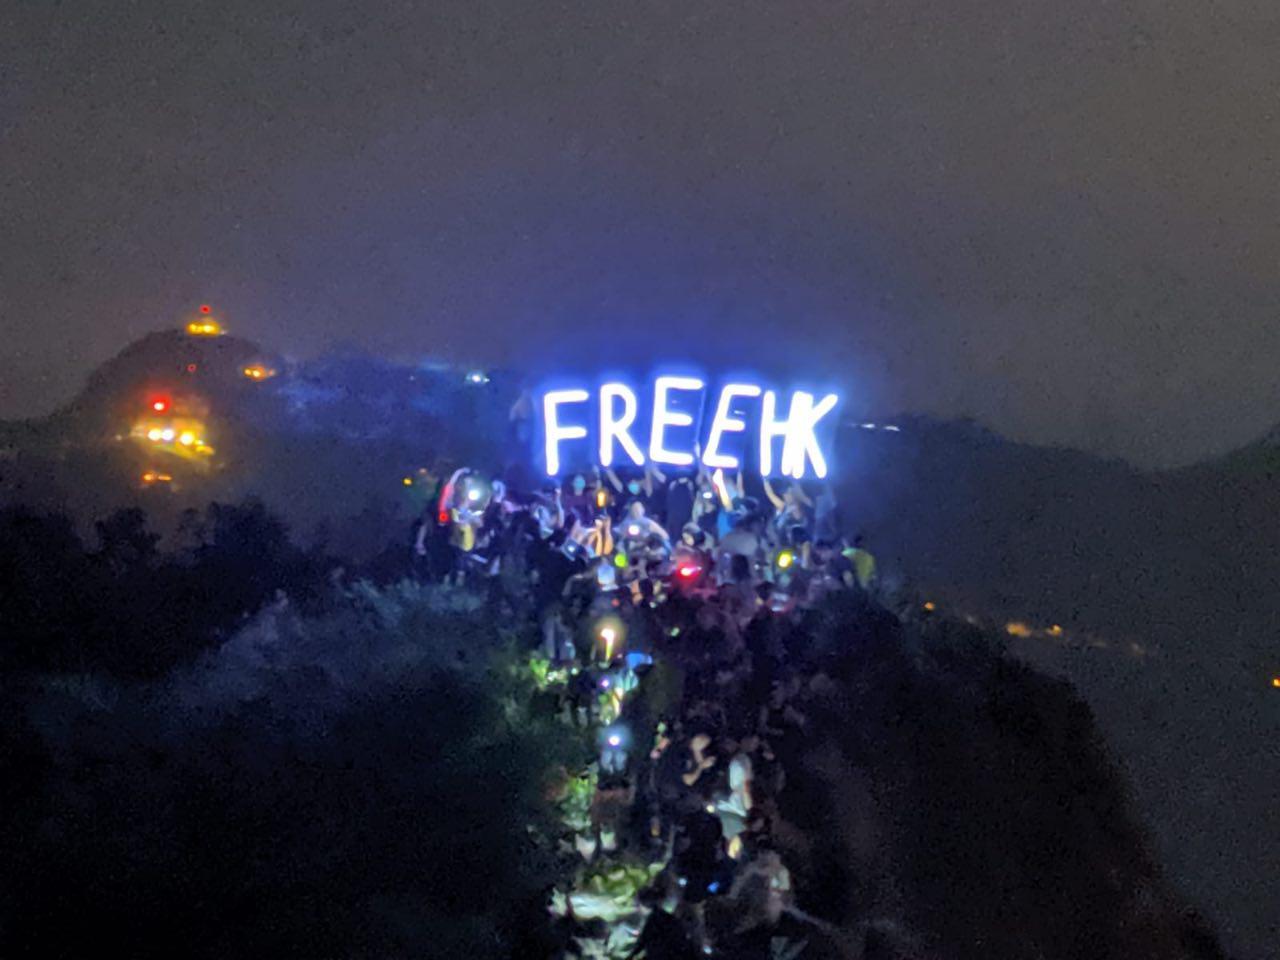 9月13日,香港市民在獅子山頂上打出「FREEHK」的訴求。(黃曉翔/大紀元)